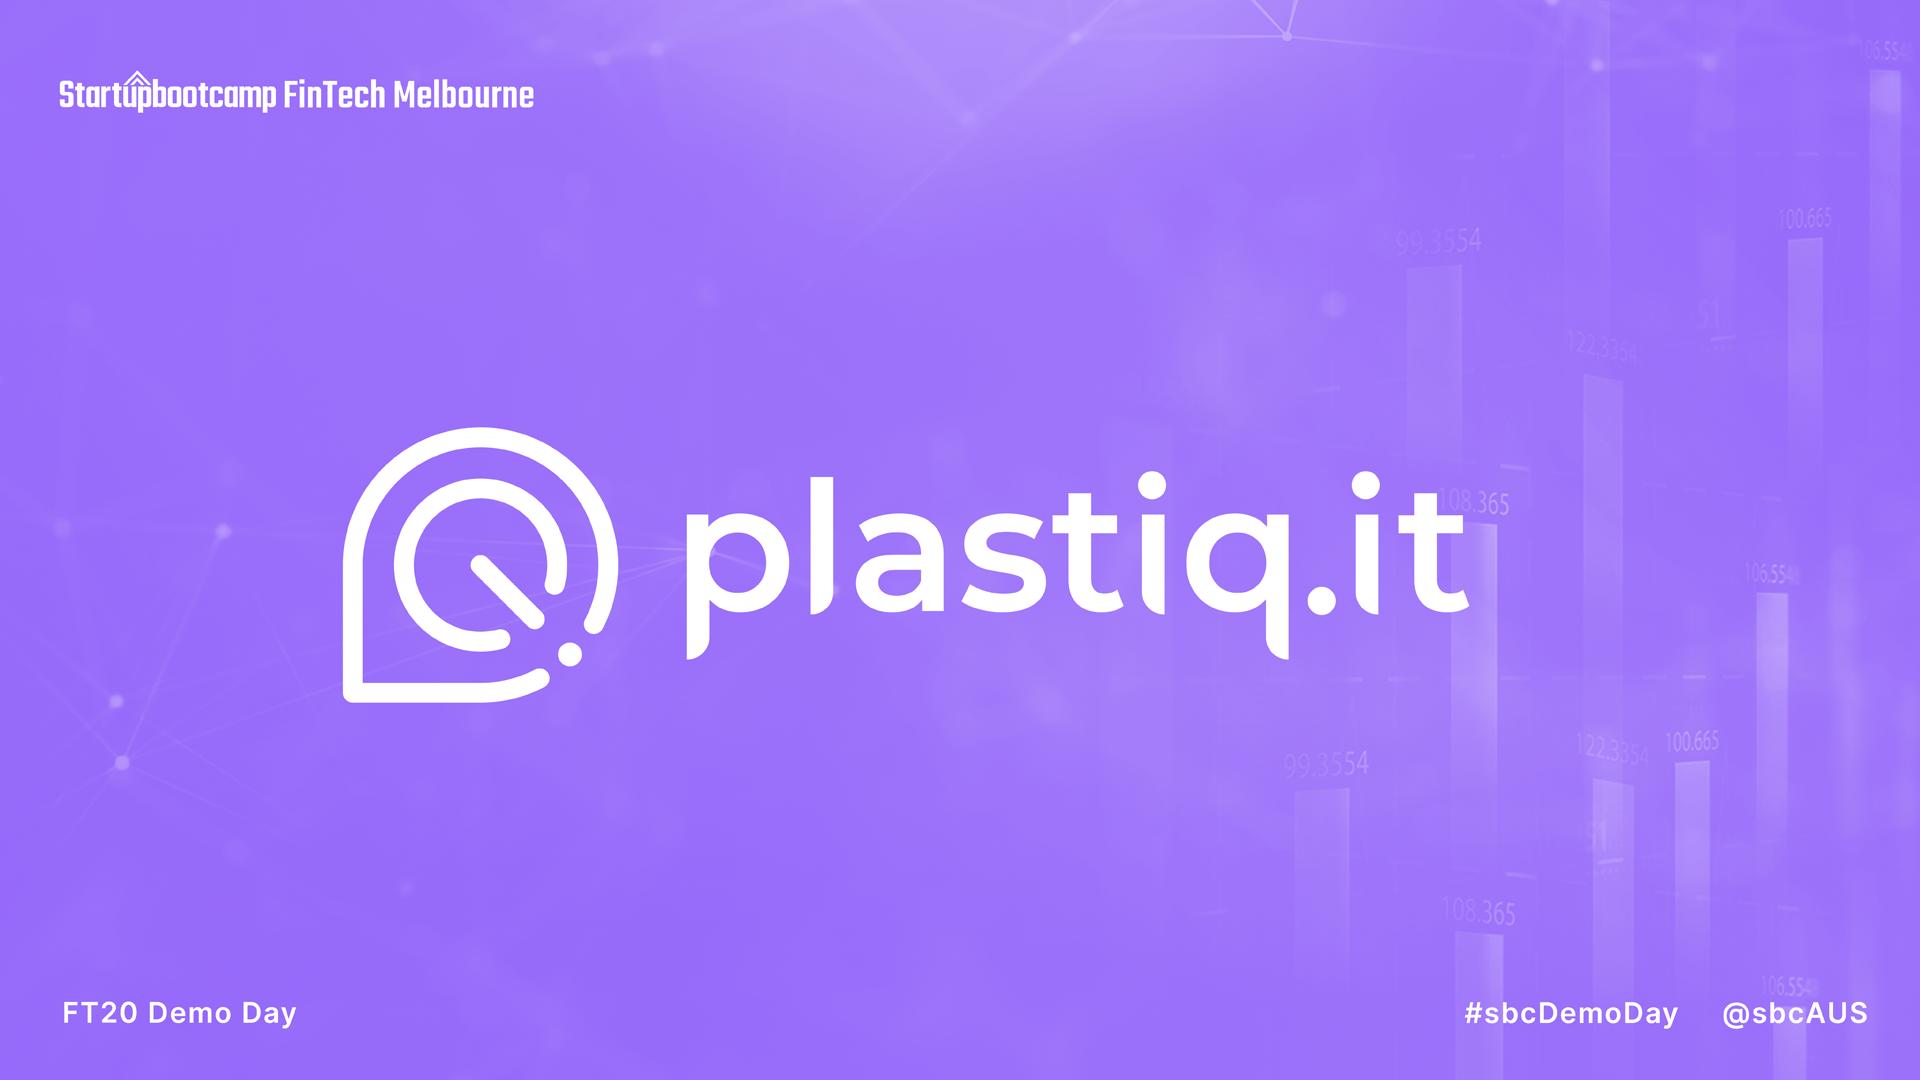 Plastiq.it banner